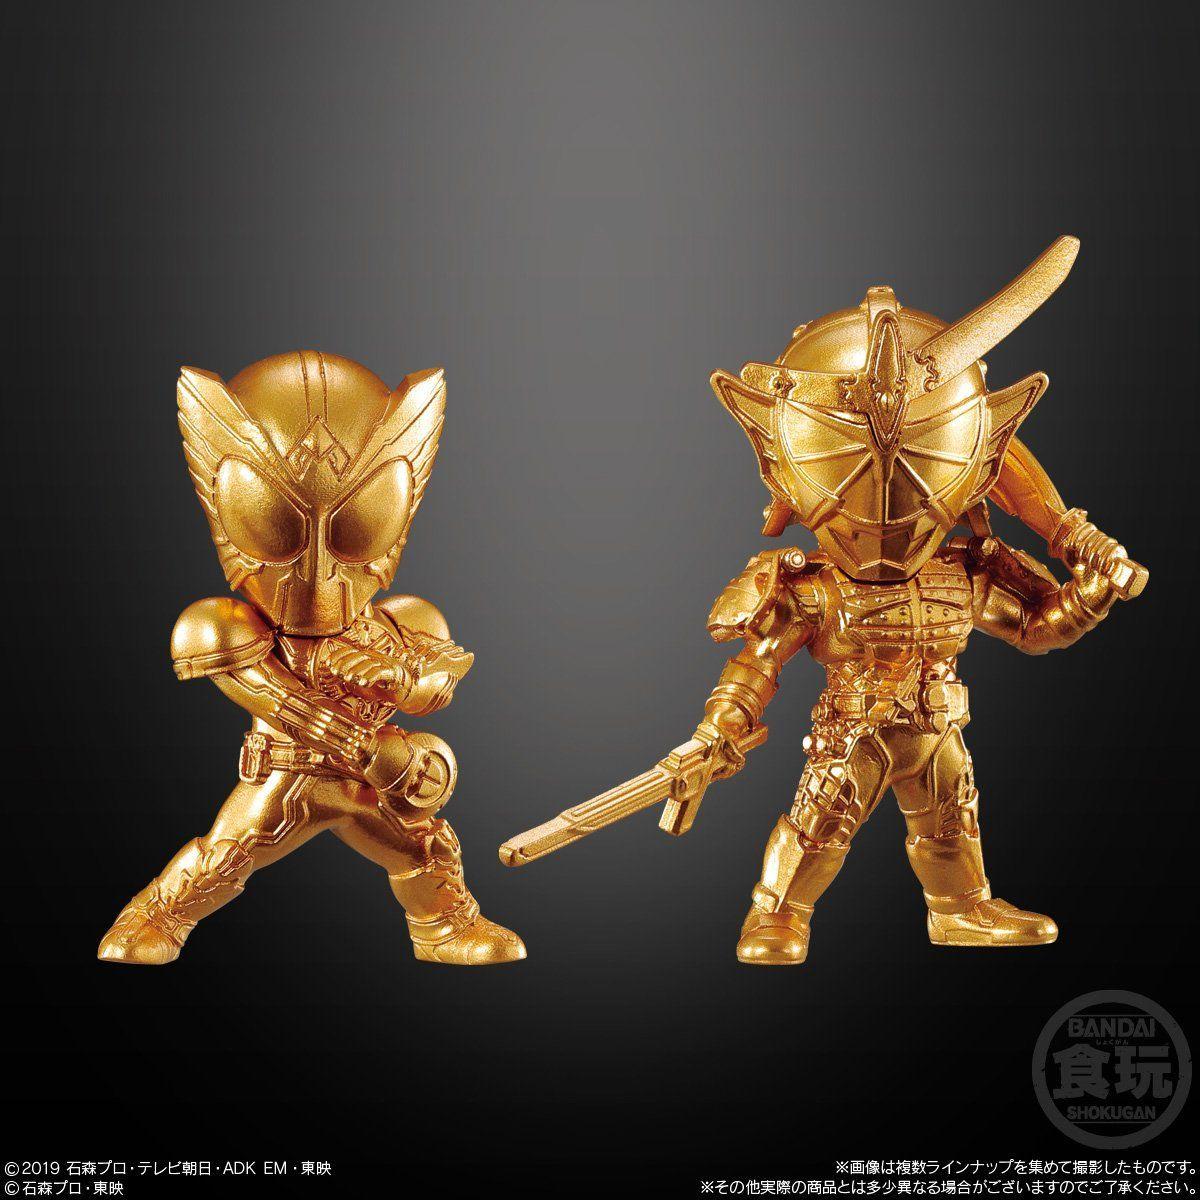 【食玩】『仮面ライダーゴールドフィギュア01』16個入りBOX-007